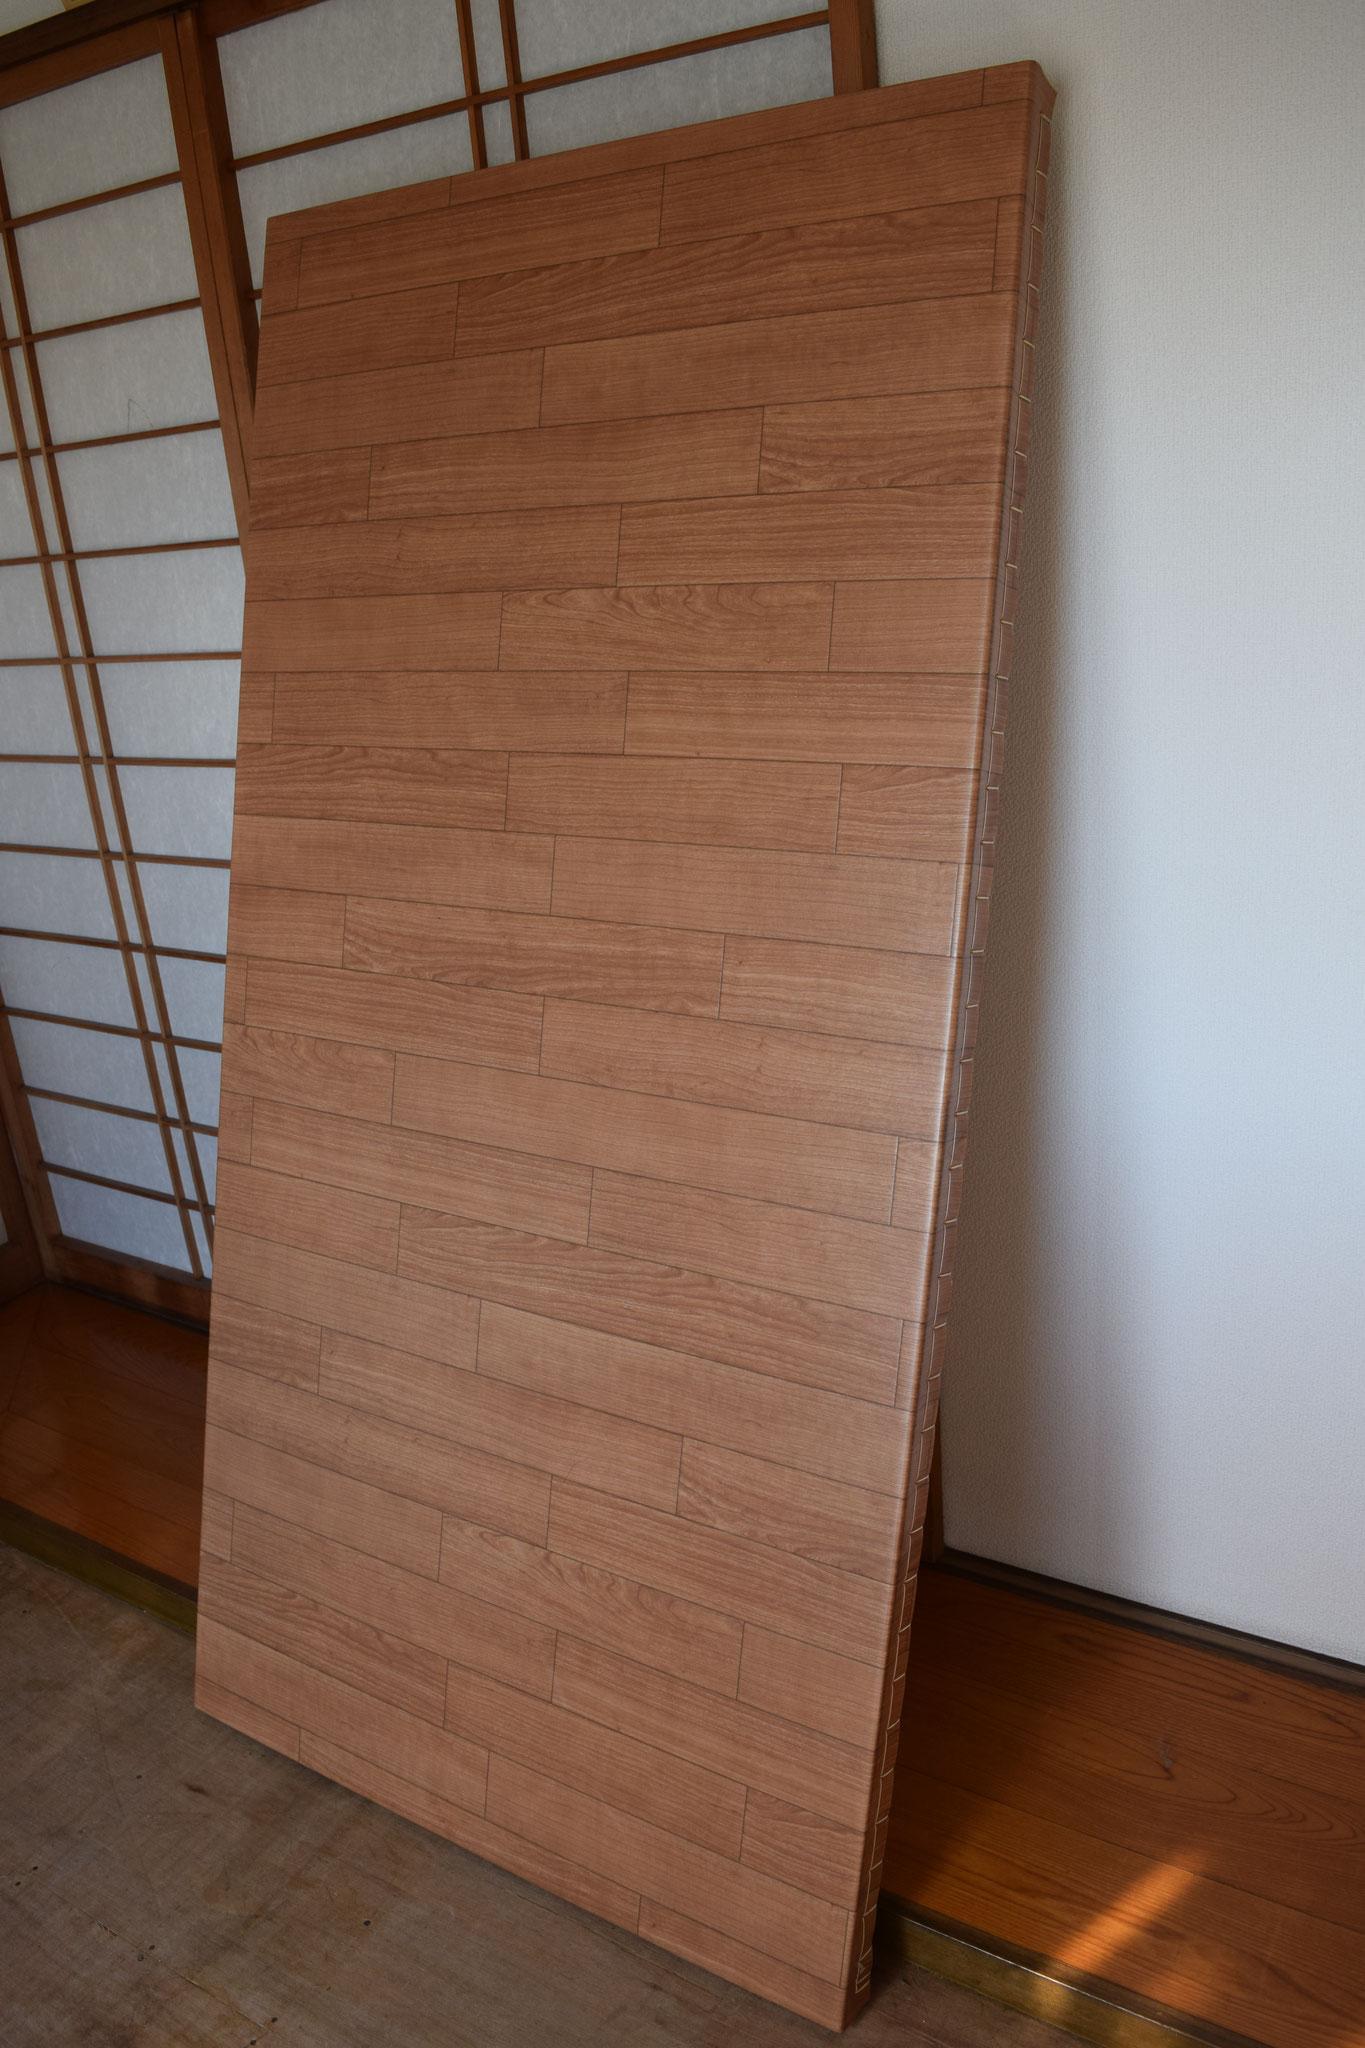 畳表の代わりにクッションフロアシートを使った「リフォーム畳®」です!